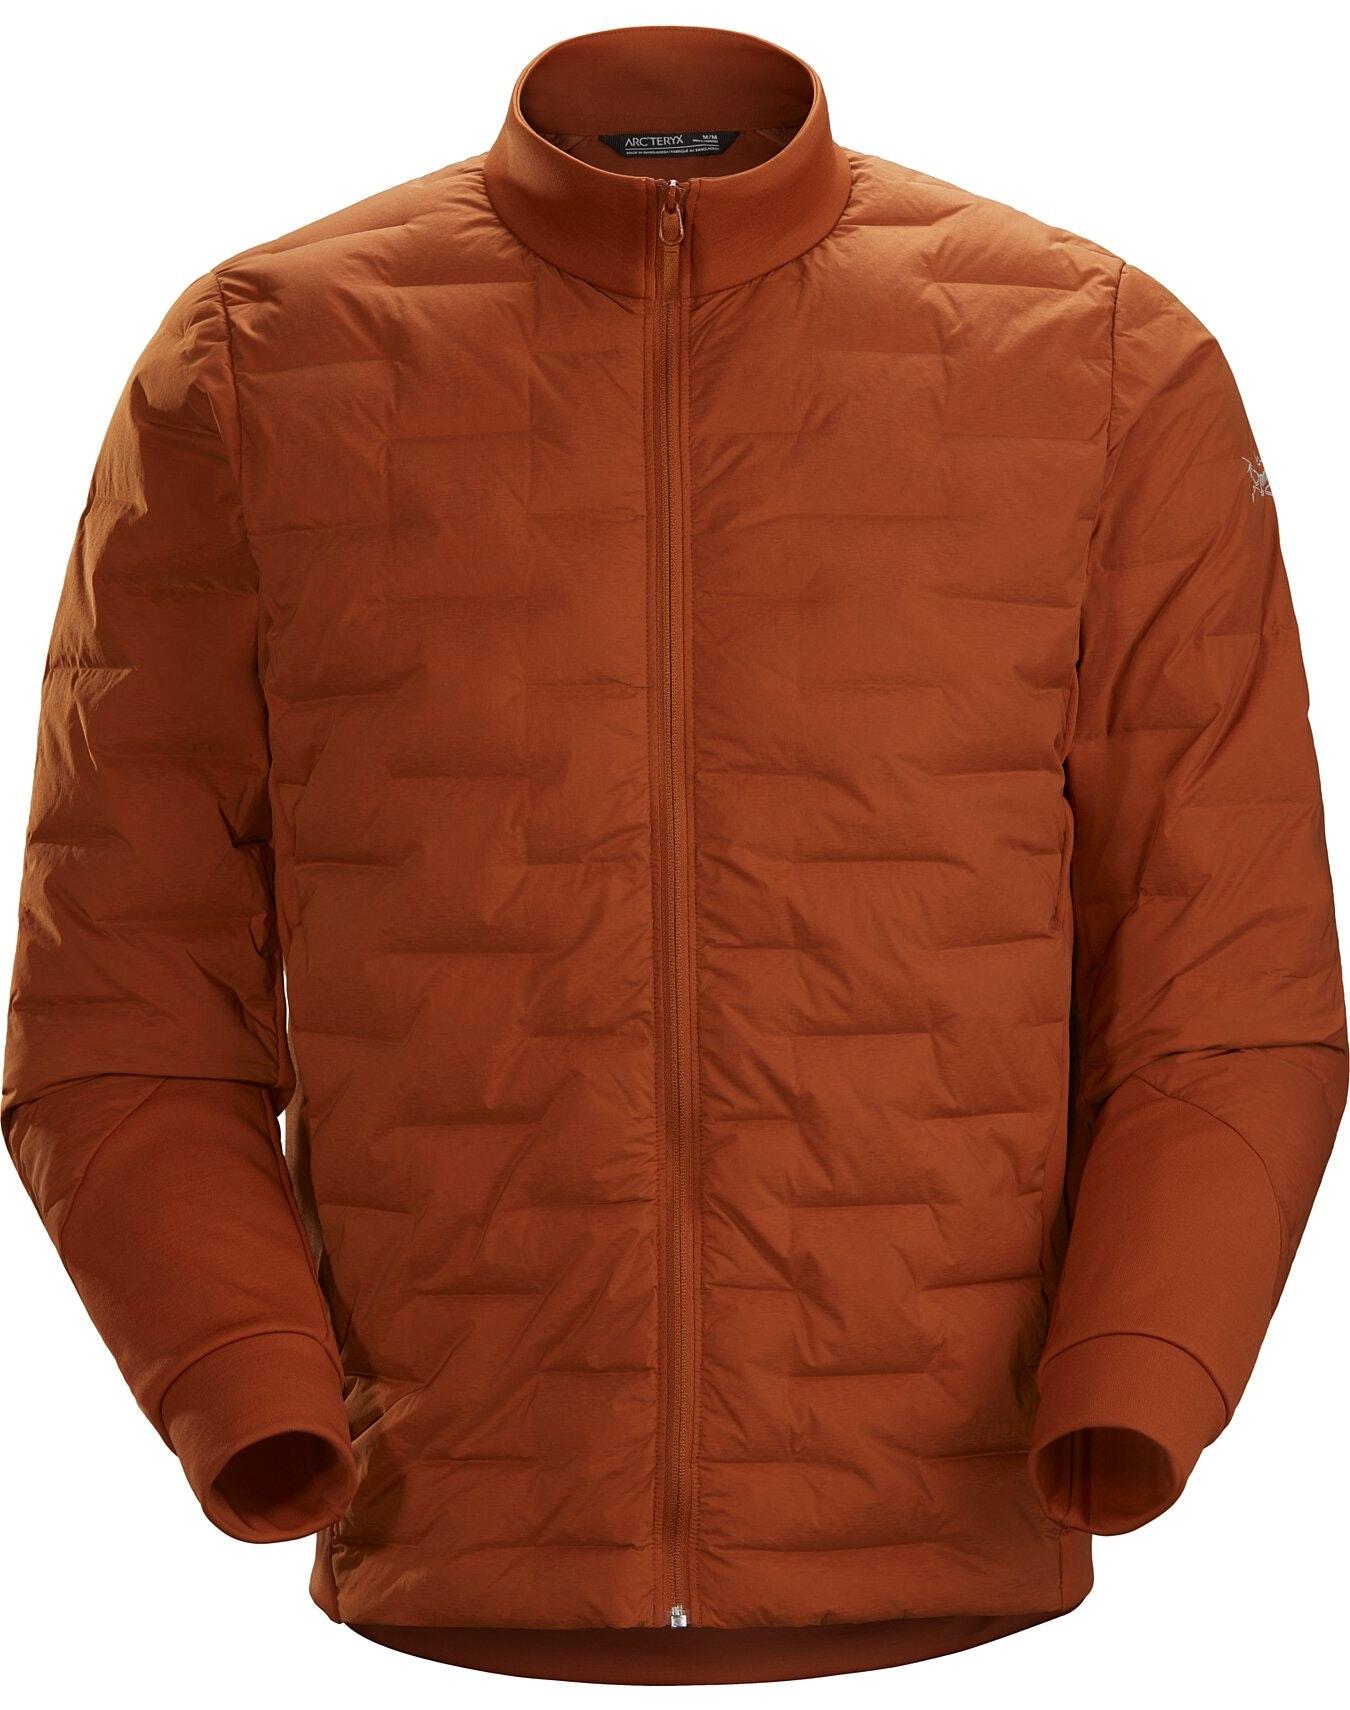 Kole Down Jacket Komorebi